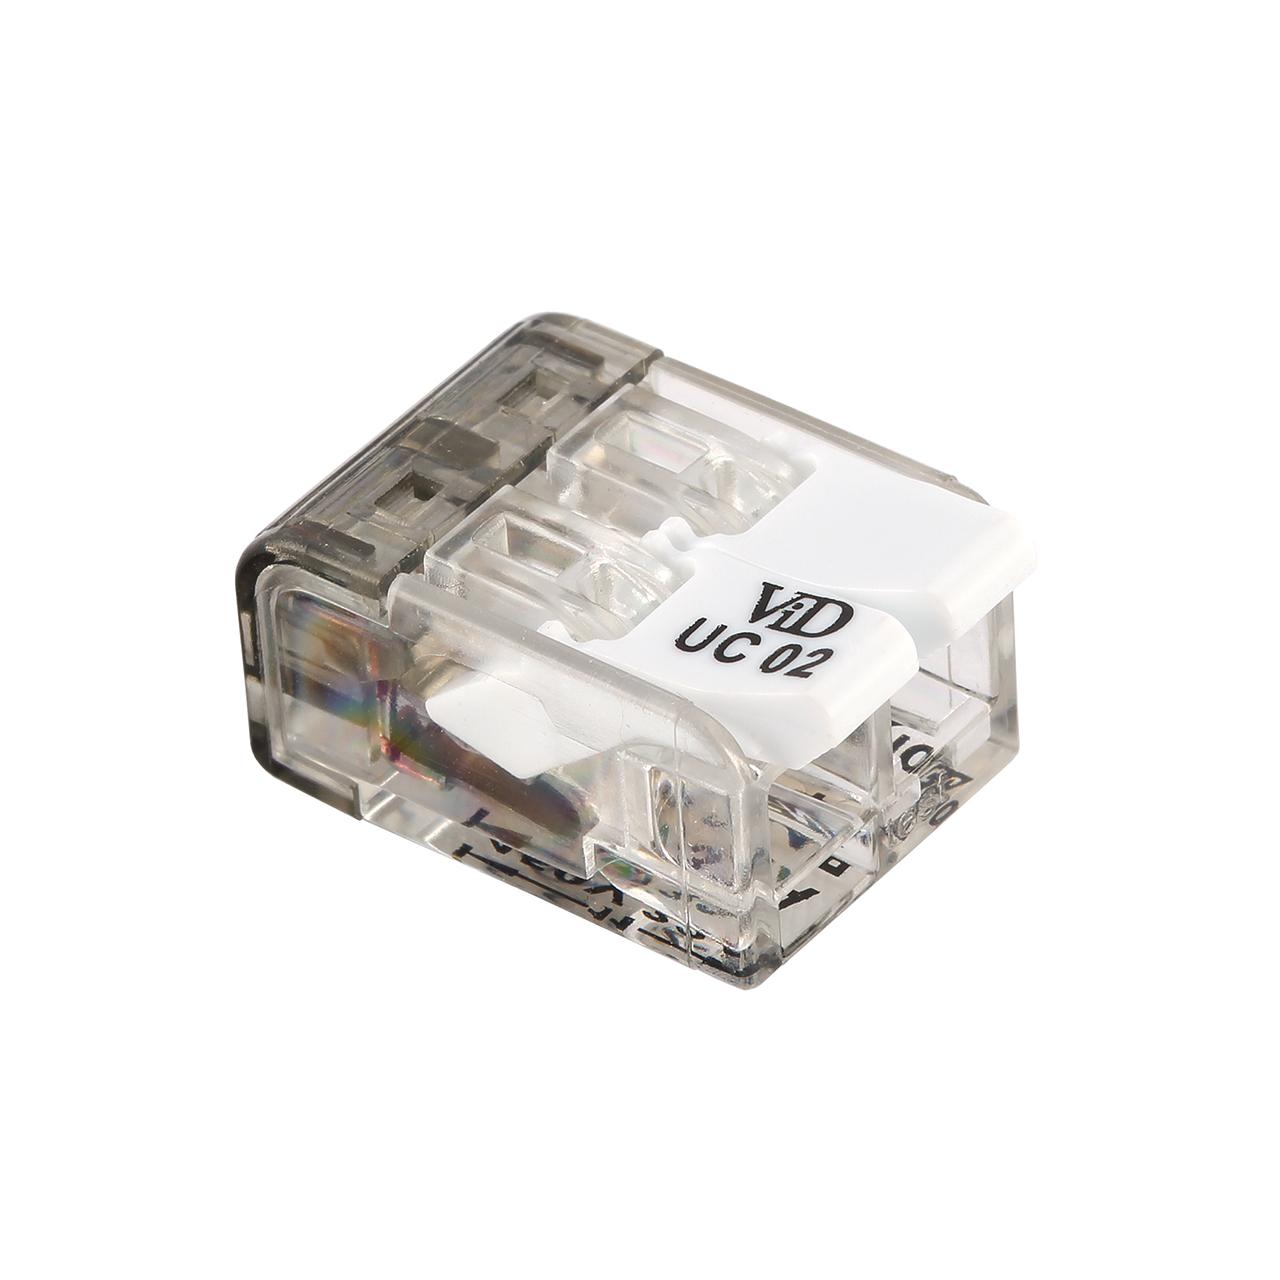 Lasklemmen universeel - 2x 0.2mm tot 4mm draden - 100 stuks - 2 voudig